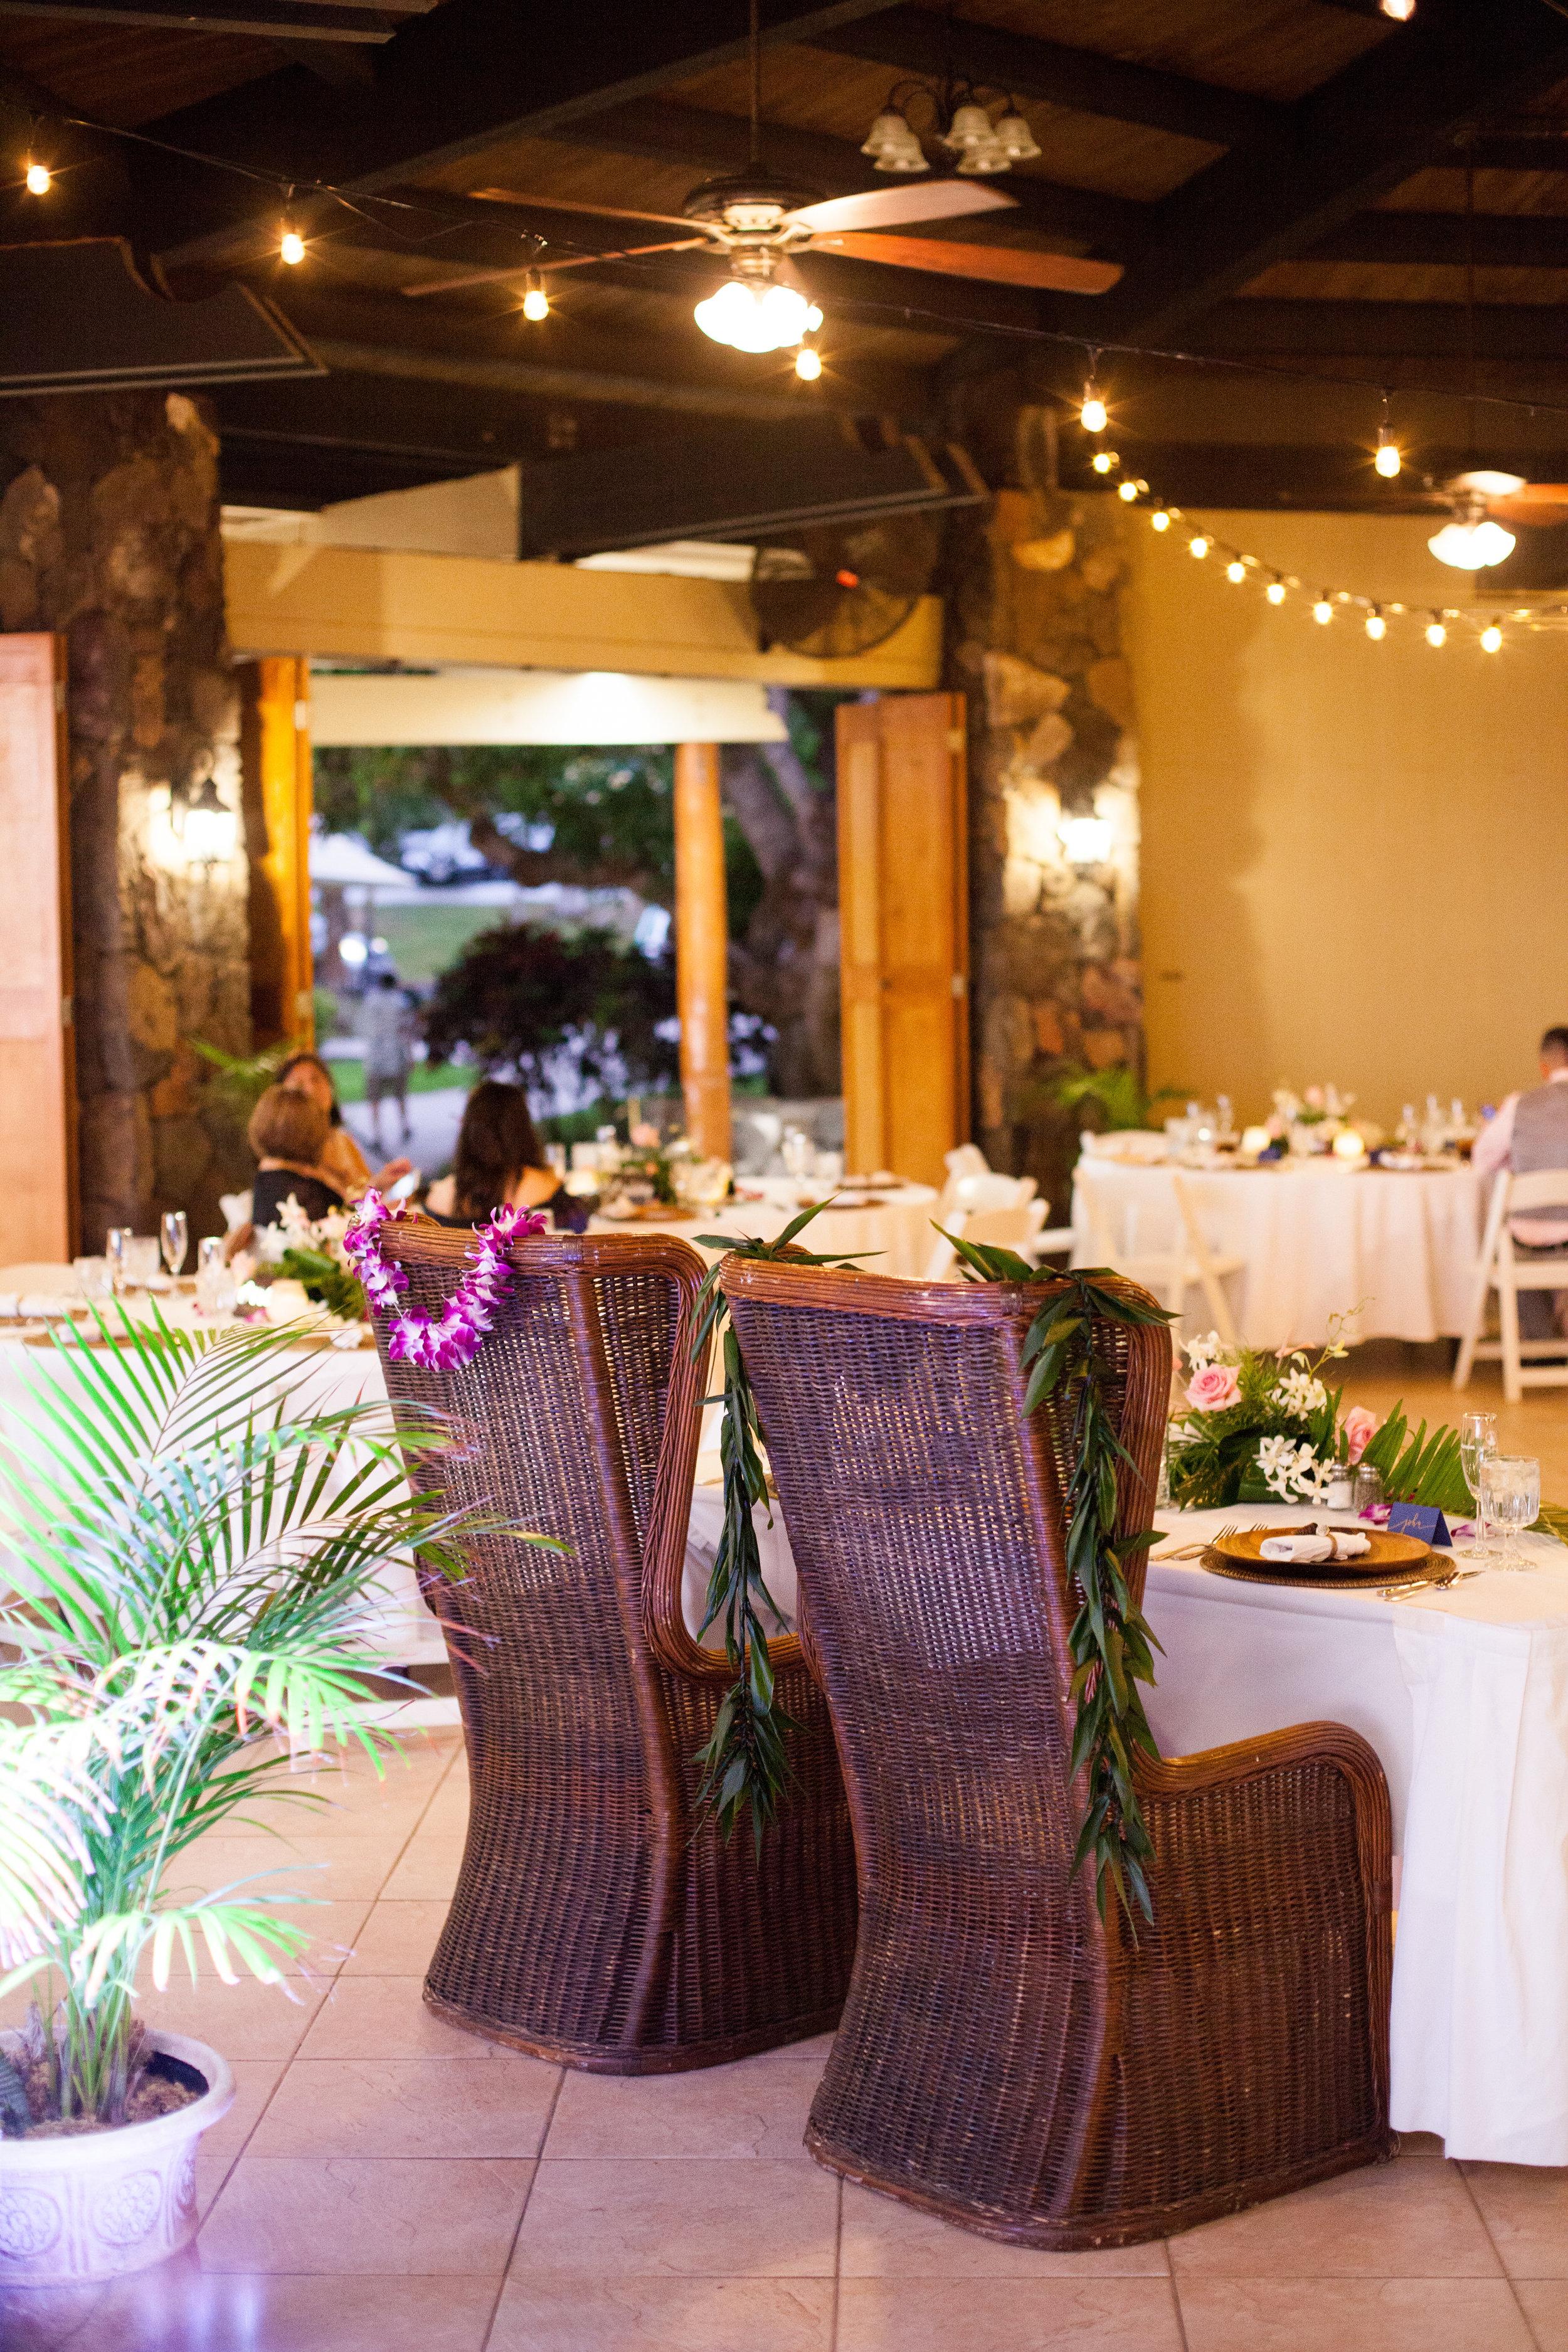 big island hawaii royal kona resort beach wedding © kelilina photography 20170615191038-20mb.jpg